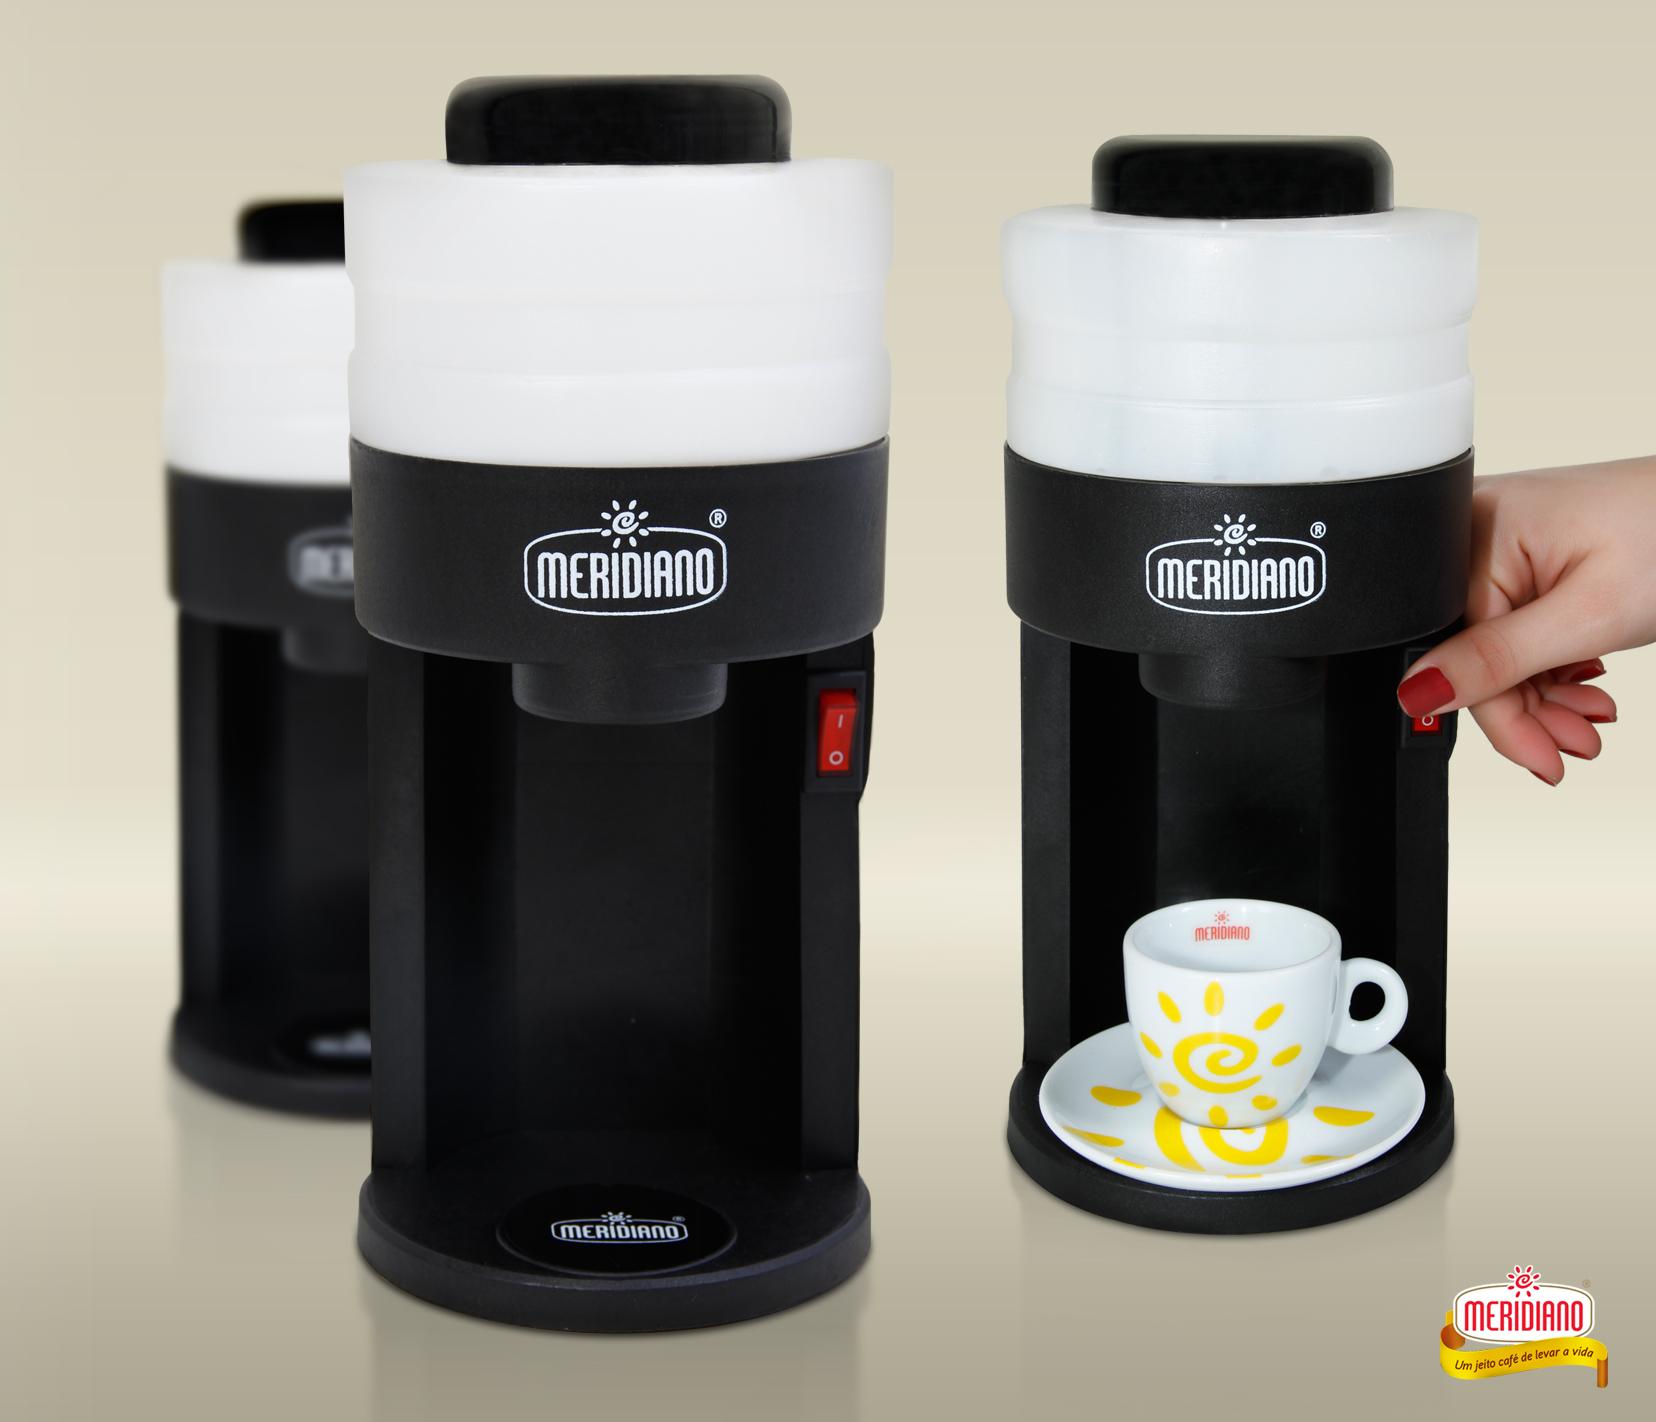 Produto Meridiano agiliza preparo de bebidas solúveis